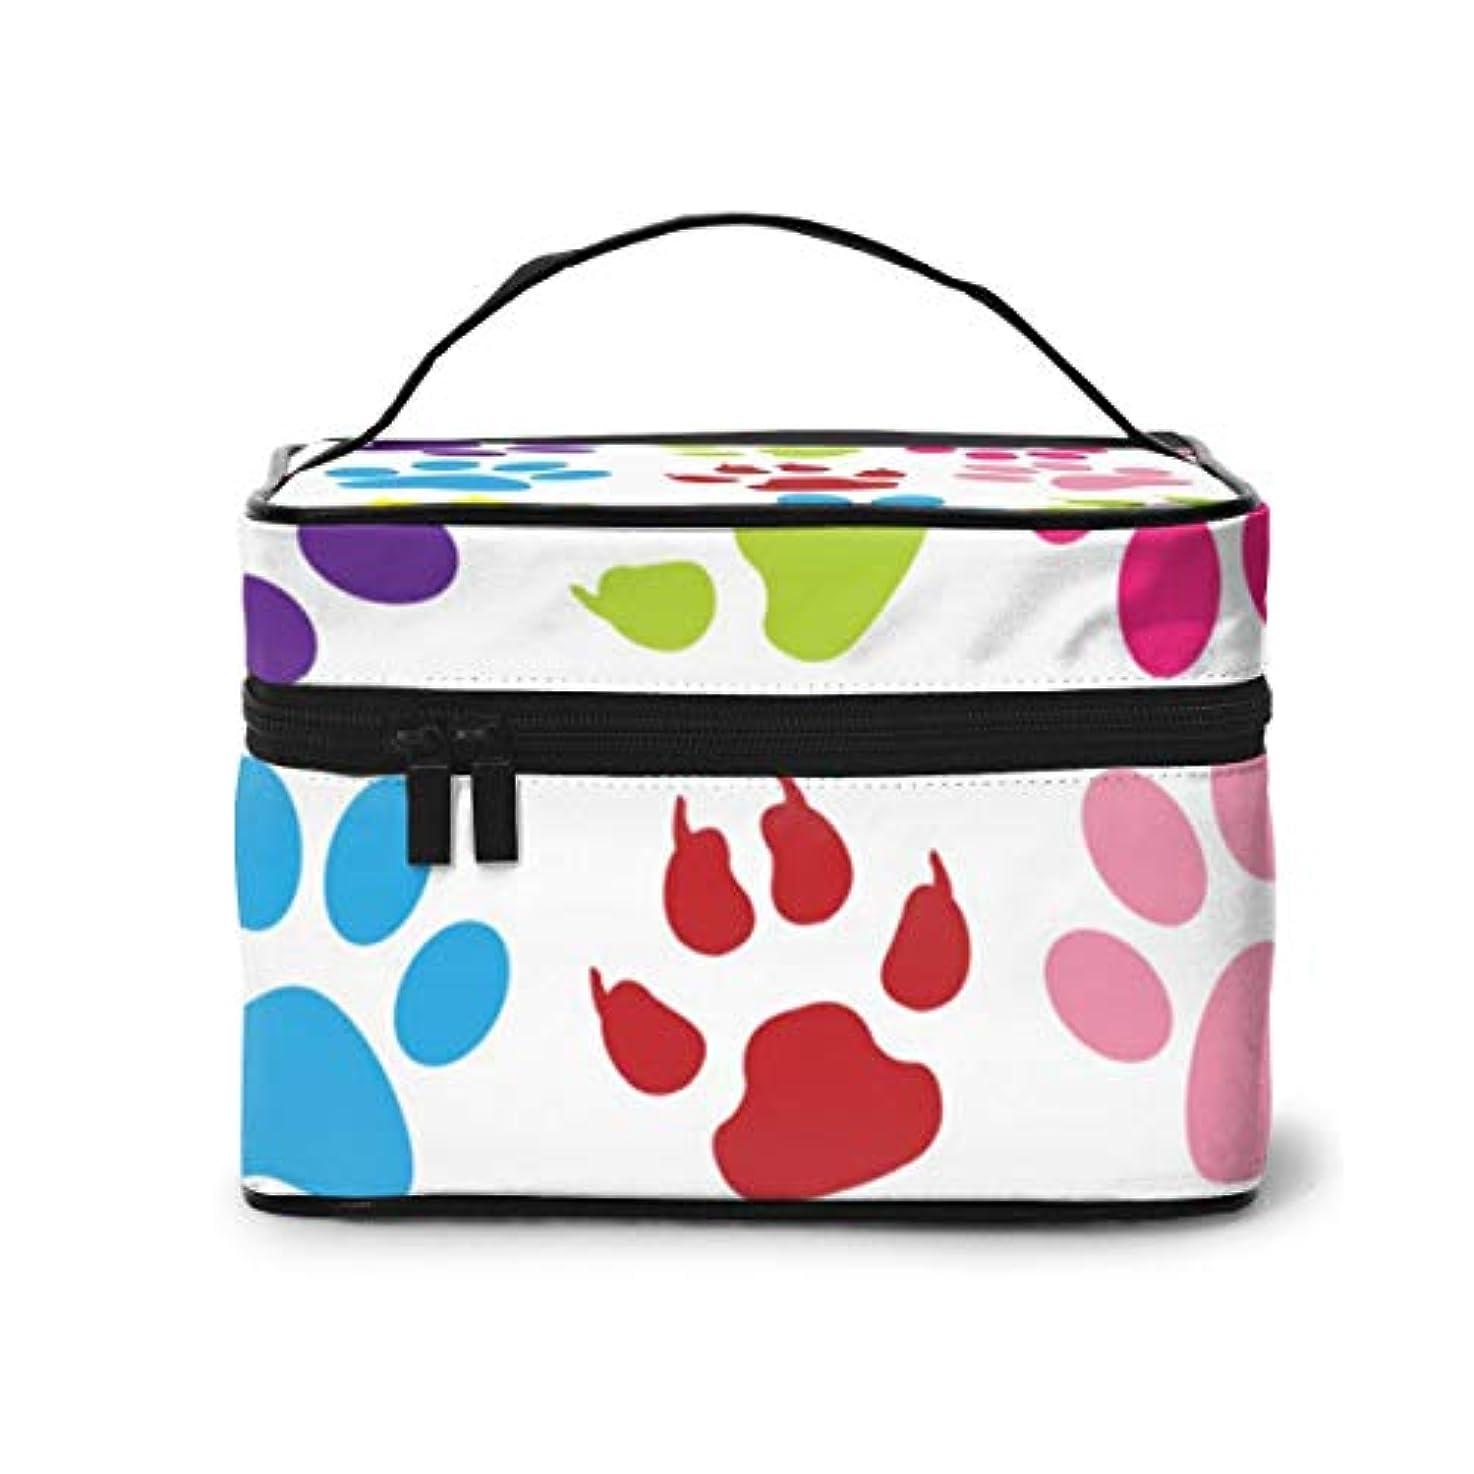 クラックの面ではあなたはメイクポーチ 化粧ポーチ コスメバッグ バニティケース トラベルポーチ 犬 イヌ 足 雑貨 小物入れ 出張用 超軽量 機能的 大容量 収納ボックス